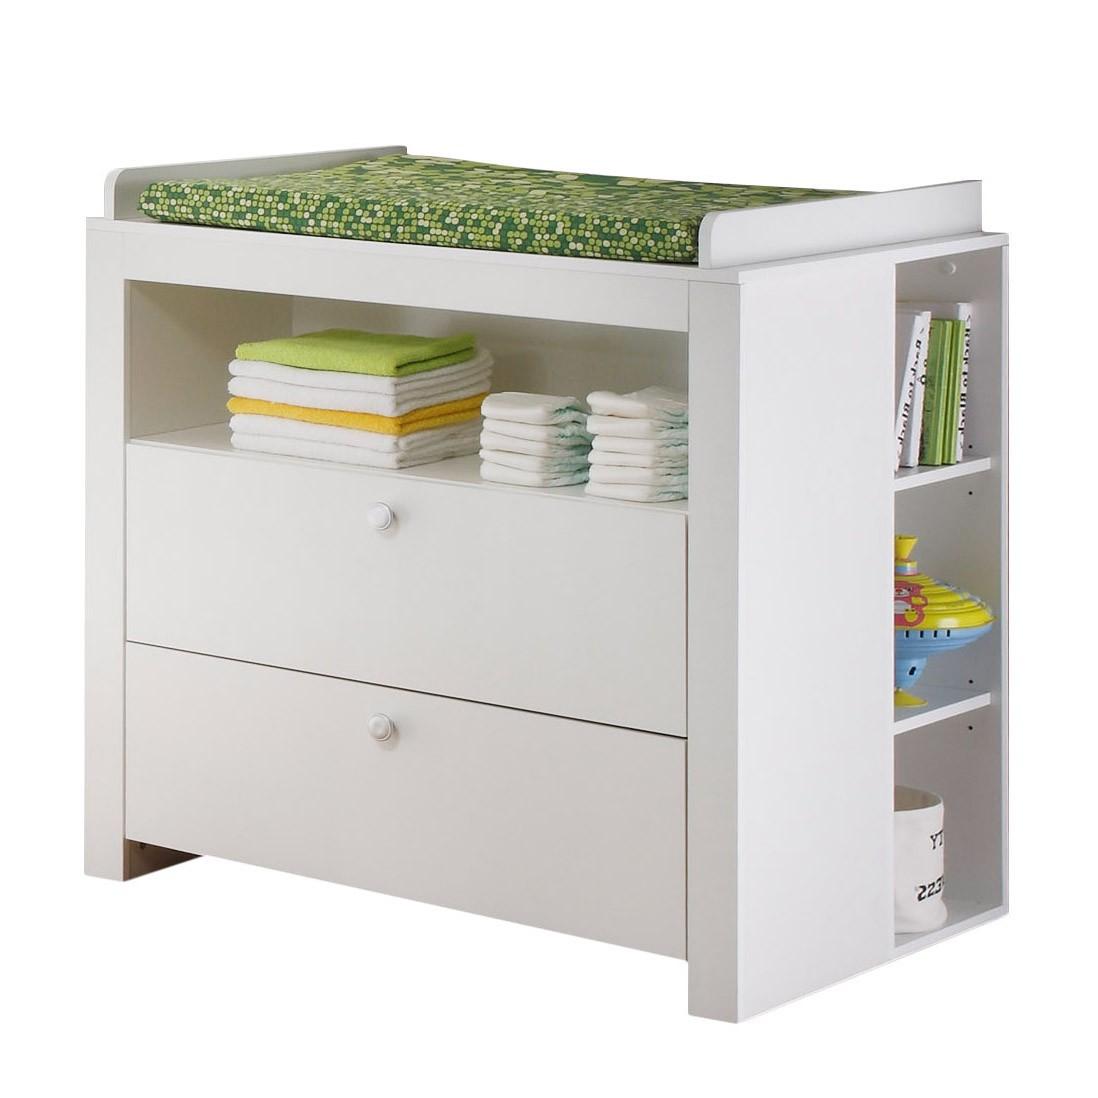 anstellregal wei preisvergleich die besten angebote online kaufen. Black Bedroom Furniture Sets. Home Design Ideas